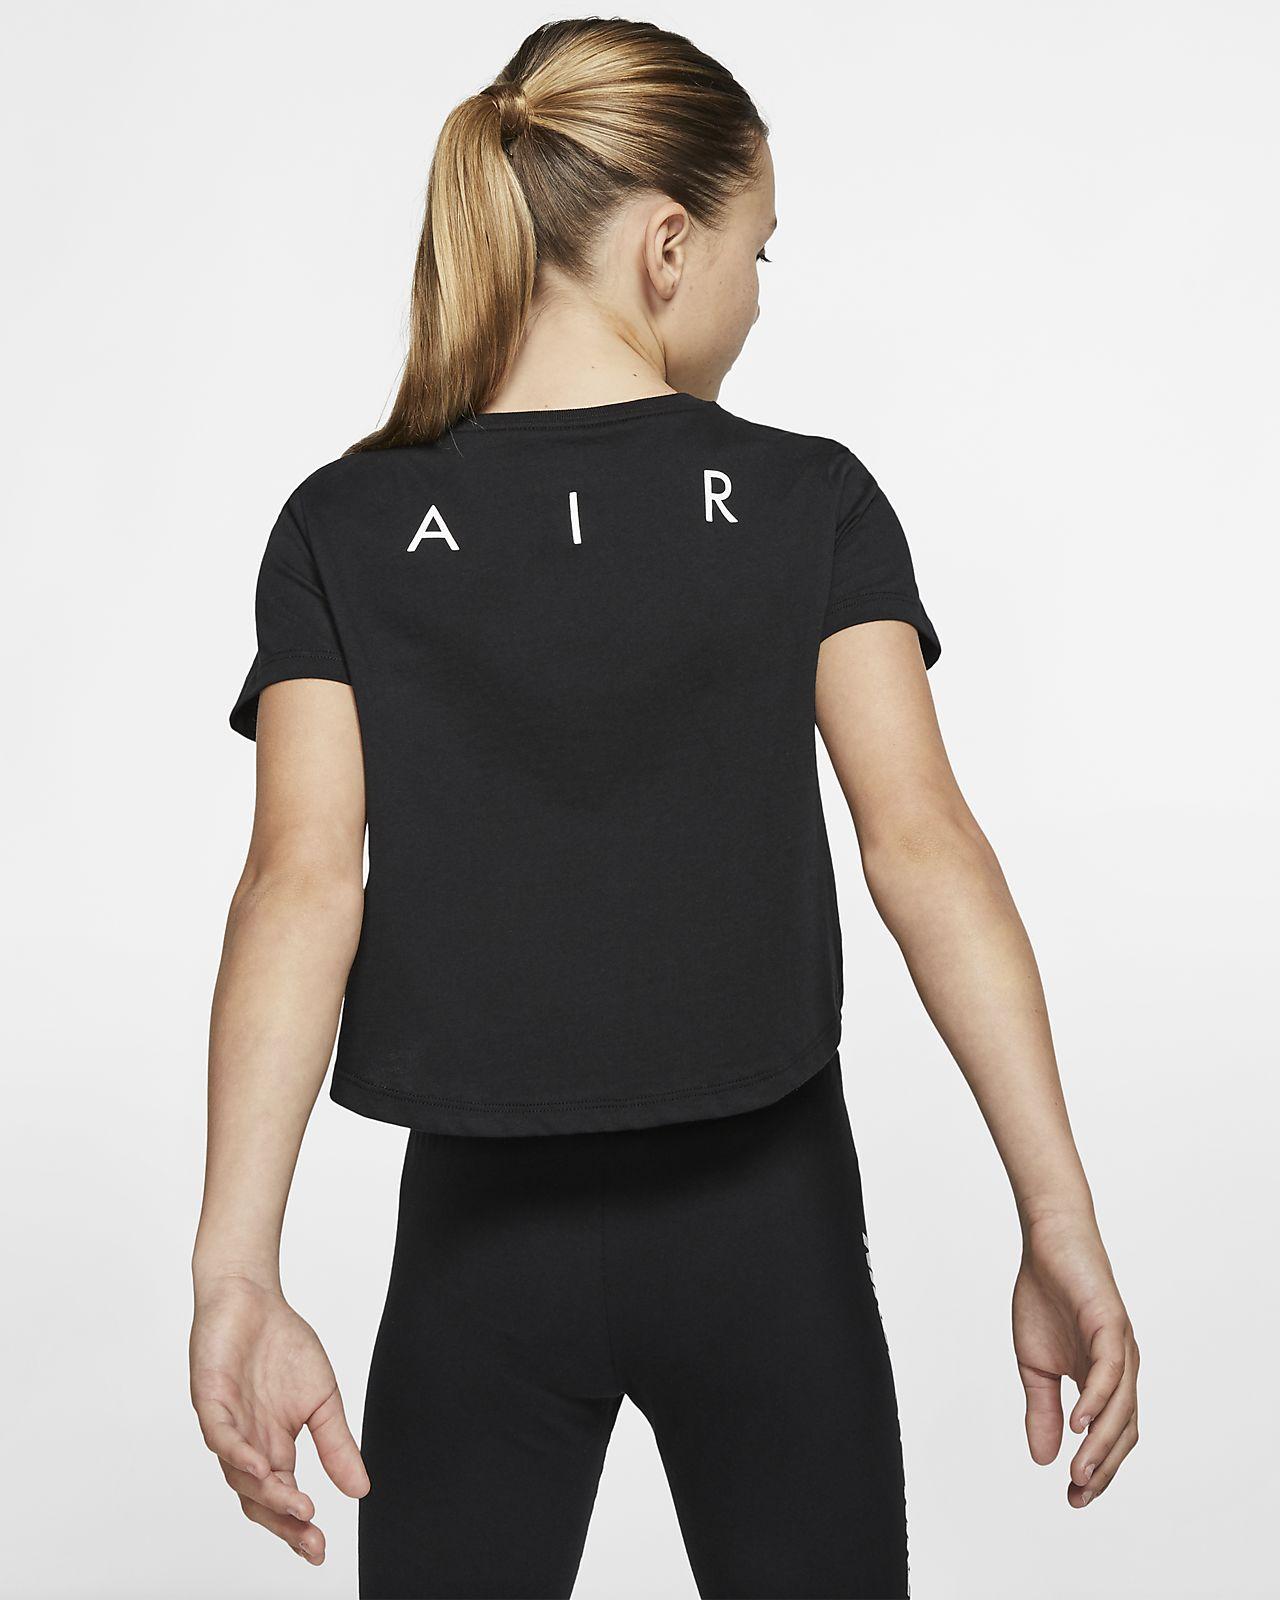 fe8136b4a8c2 Μπλούζα με κοντό μήκος Nike Air για μεγάλα κορίτσια. Nike.com GR